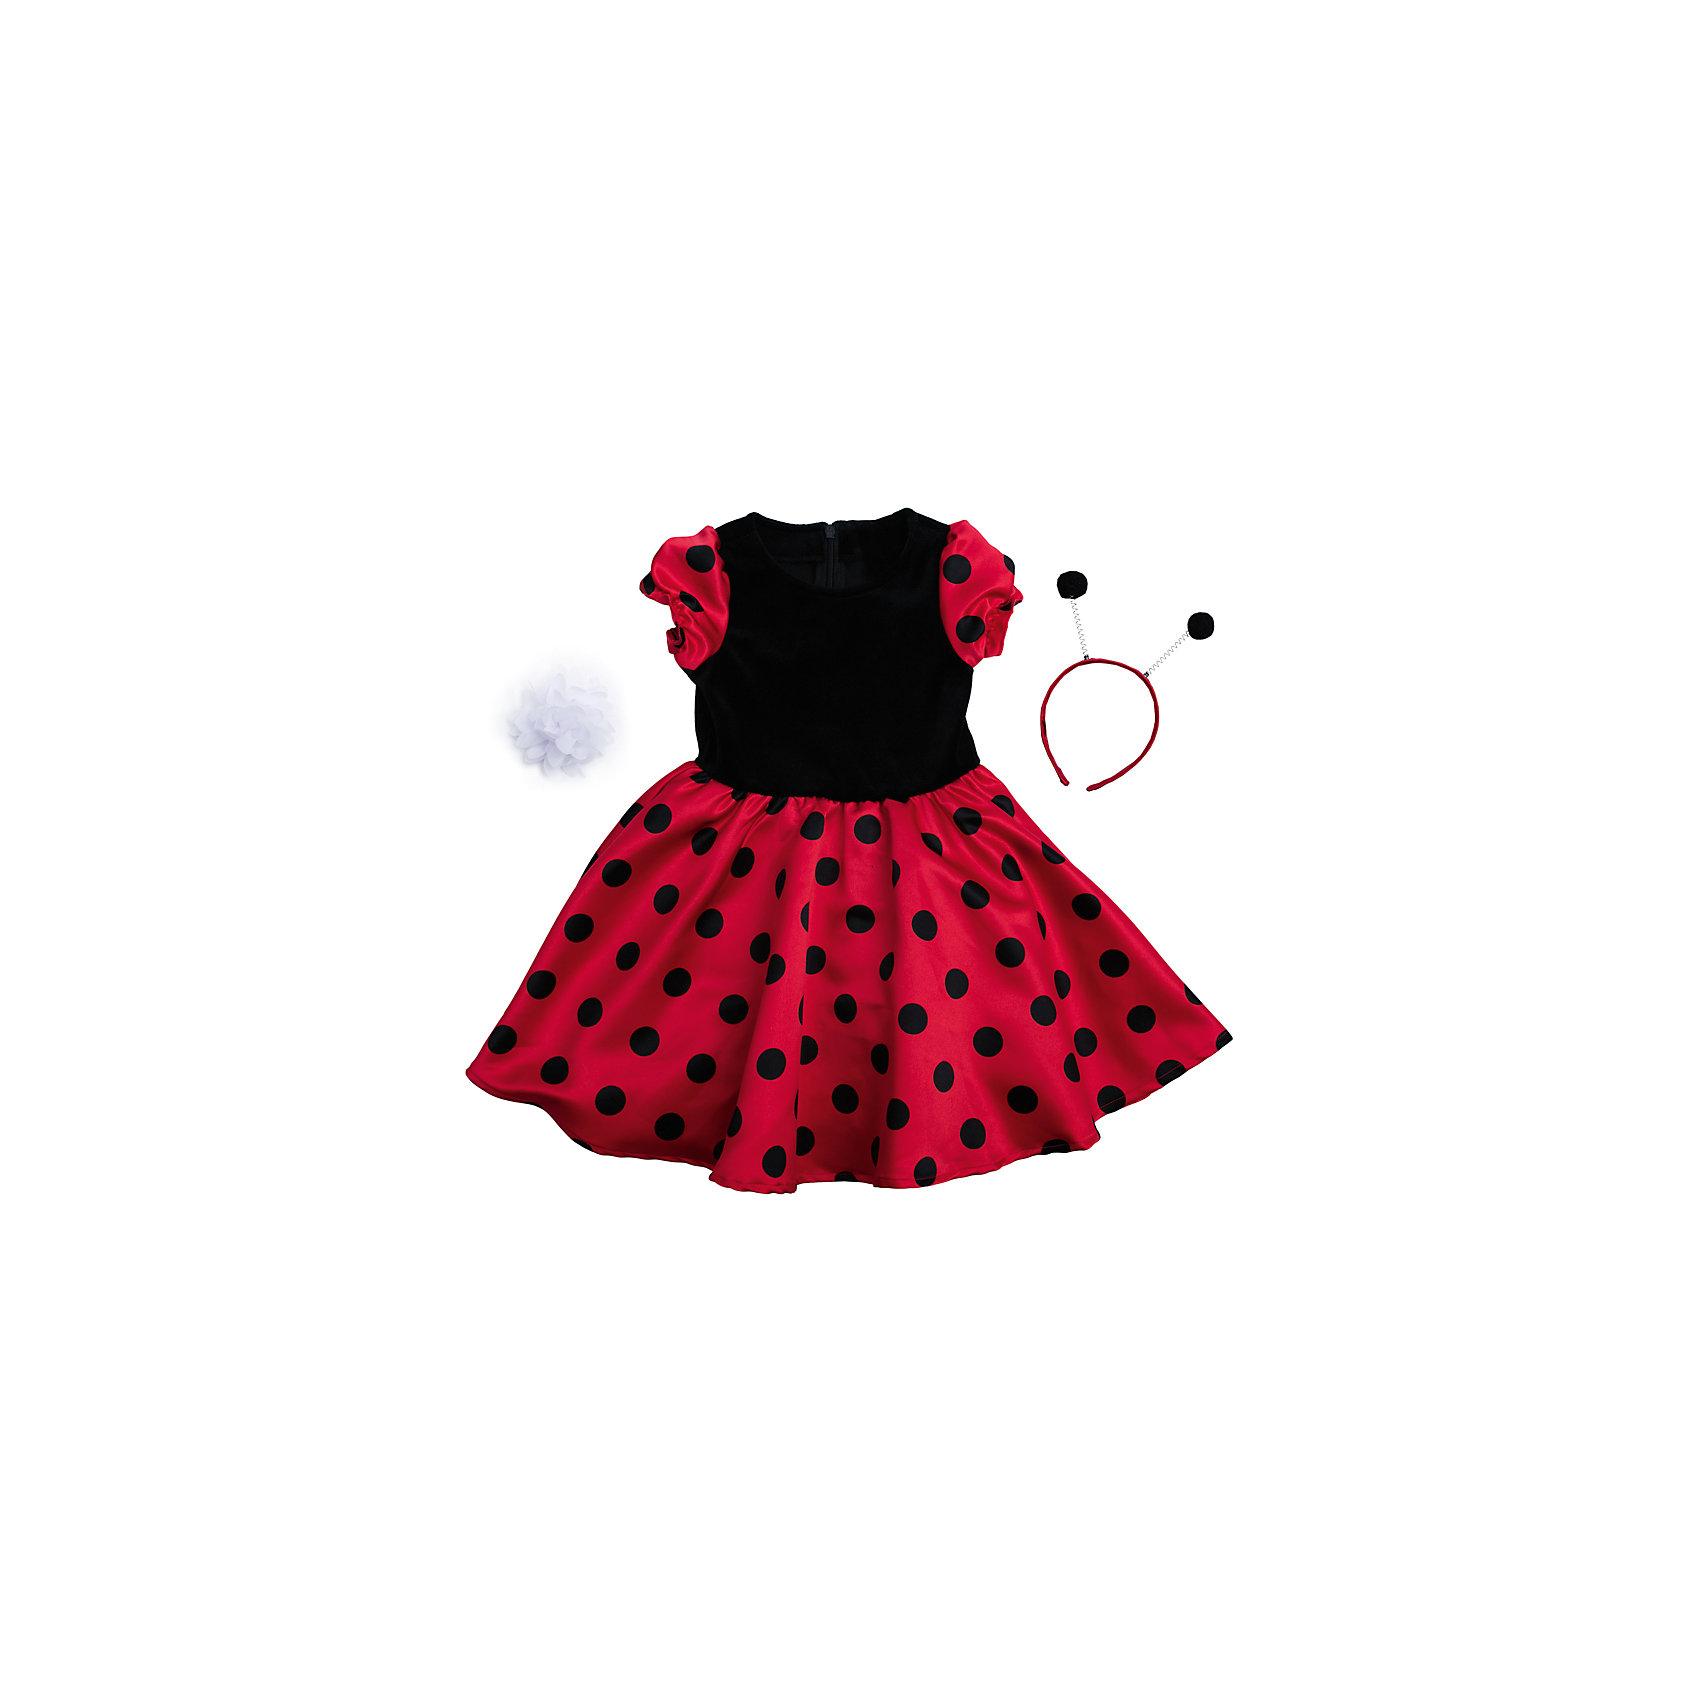 Нарядное платье для девочки PlayTodayКарнавальные костюмы и аксессуары<br>Платье для девочки от известного бренда PlayToday.<br>Платье с короткими рукавами.<br><br>Модель из комбинарованного материала. Верх выполнен из мягкого велюра, юбка и рукава – из сатина с легким матовым блеском. Застегивается на потайную молнию на спине, рукава-фонарики на мягкой резинке.<br><br>Платье дополнено ободком с рожками божьей коровки и белым цветком, чтобы завершить нарядный образ.<br>Состав:<br>Верх: 75% хлопок, 25% полиамид, подкладка: 100% хлопок<br><br>Ширина мм: 236<br>Глубина мм: 16<br>Высота мм: 184<br>Вес г: 177<br>Цвет: красный<br>Возраст от месяцев: 72<br>Возраст до месяцев: 84<br>Пол: Женский<br>Возраст: Детский<br>Размер: 122,104,128,110,116,98<br>SKU: 5113876